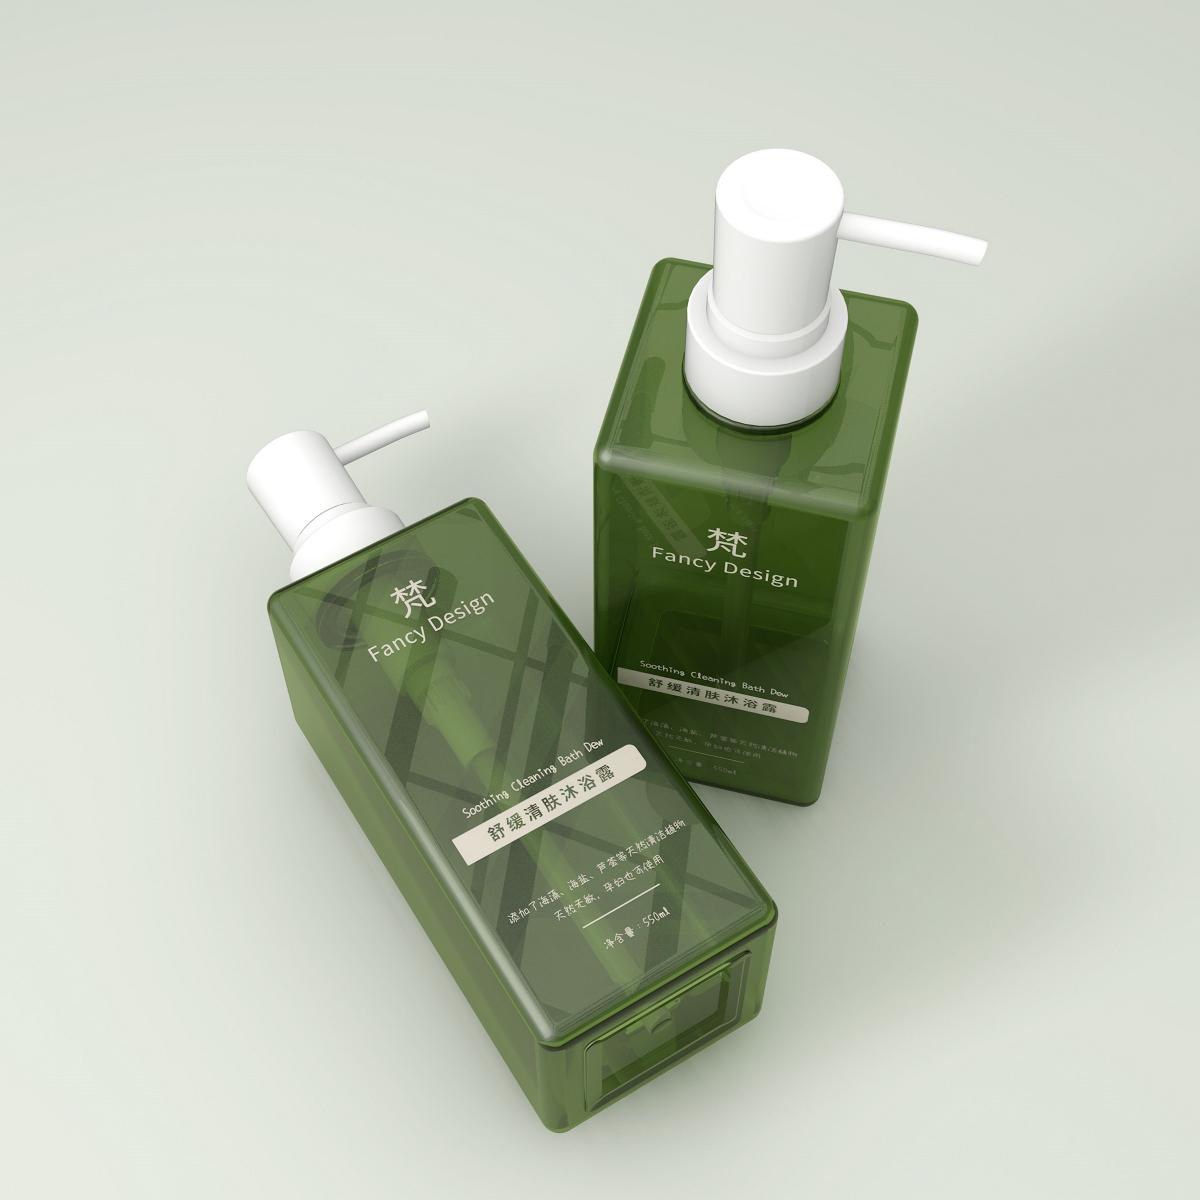 塑料瓶子包装设计 洗发水沐浴露 标签设计